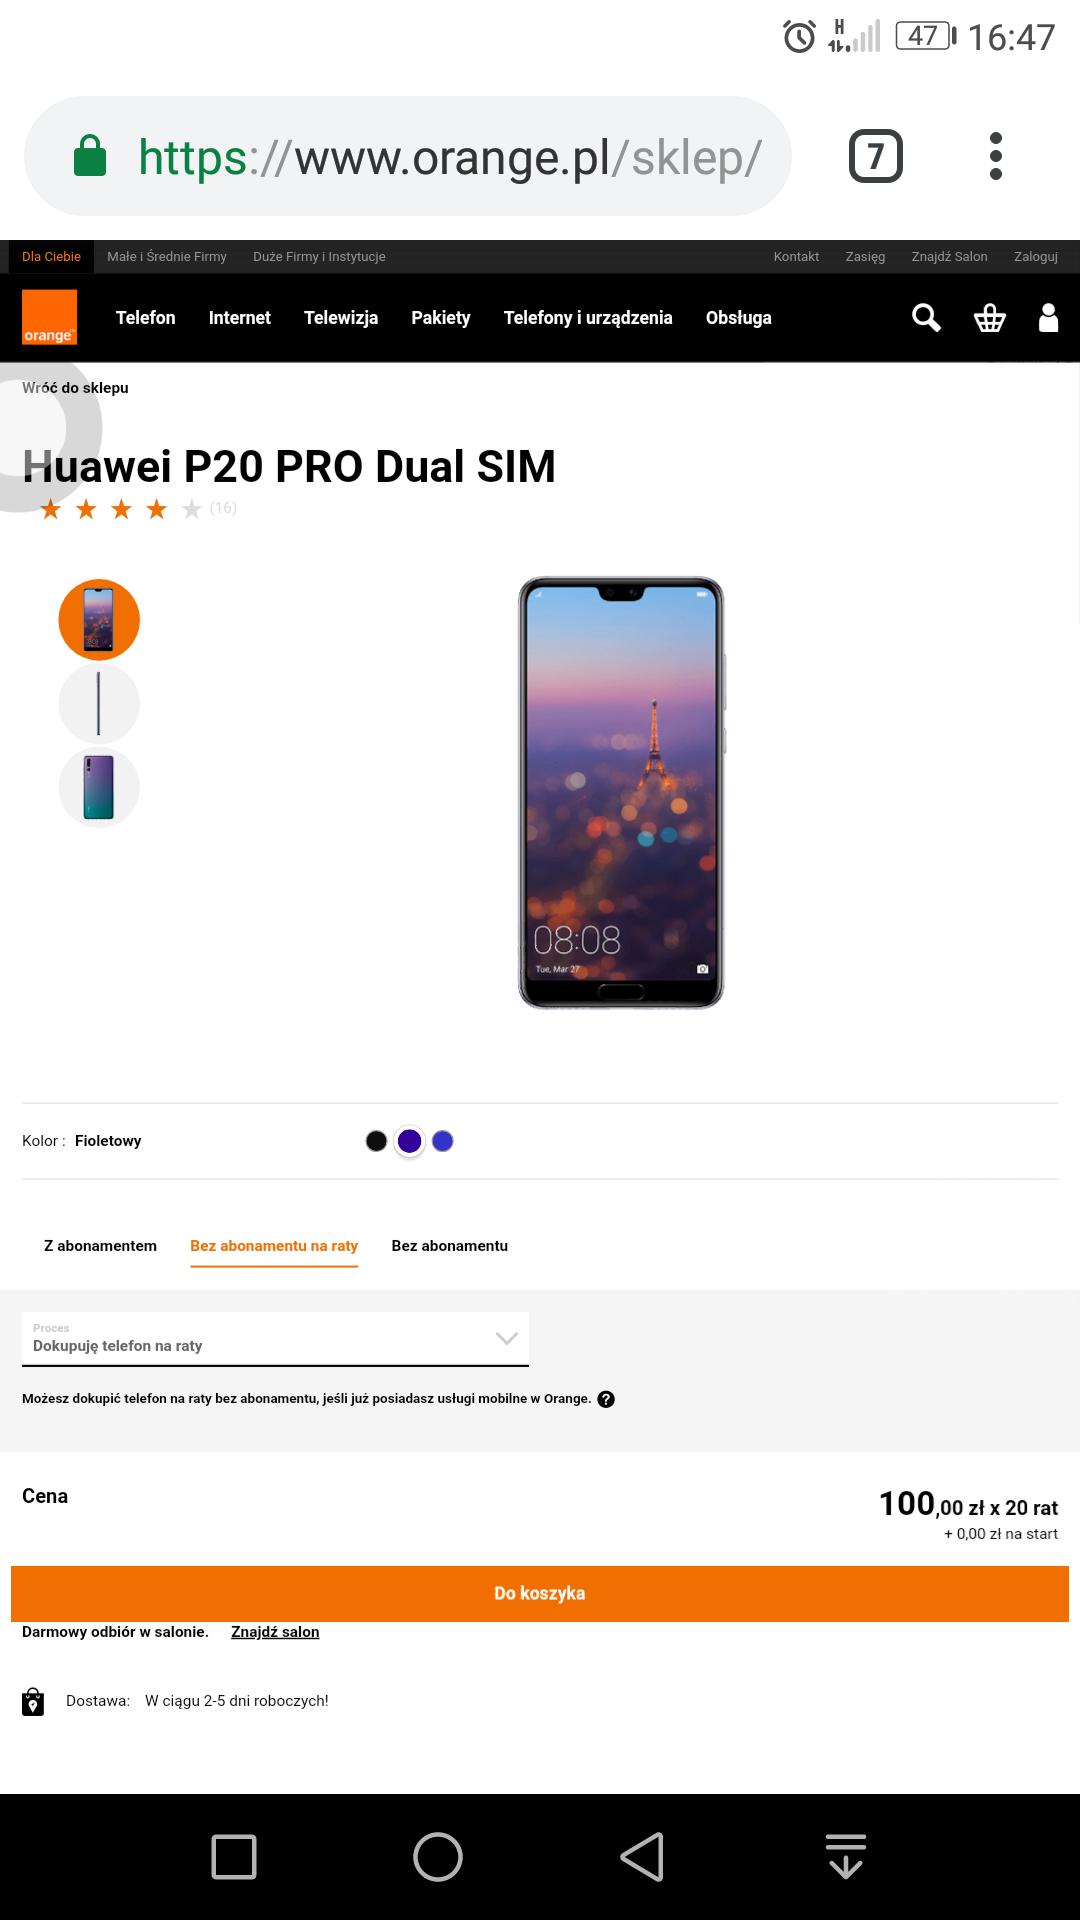 Huawei P20 PRO 6/128 3 kolory 100zł x 20 rat